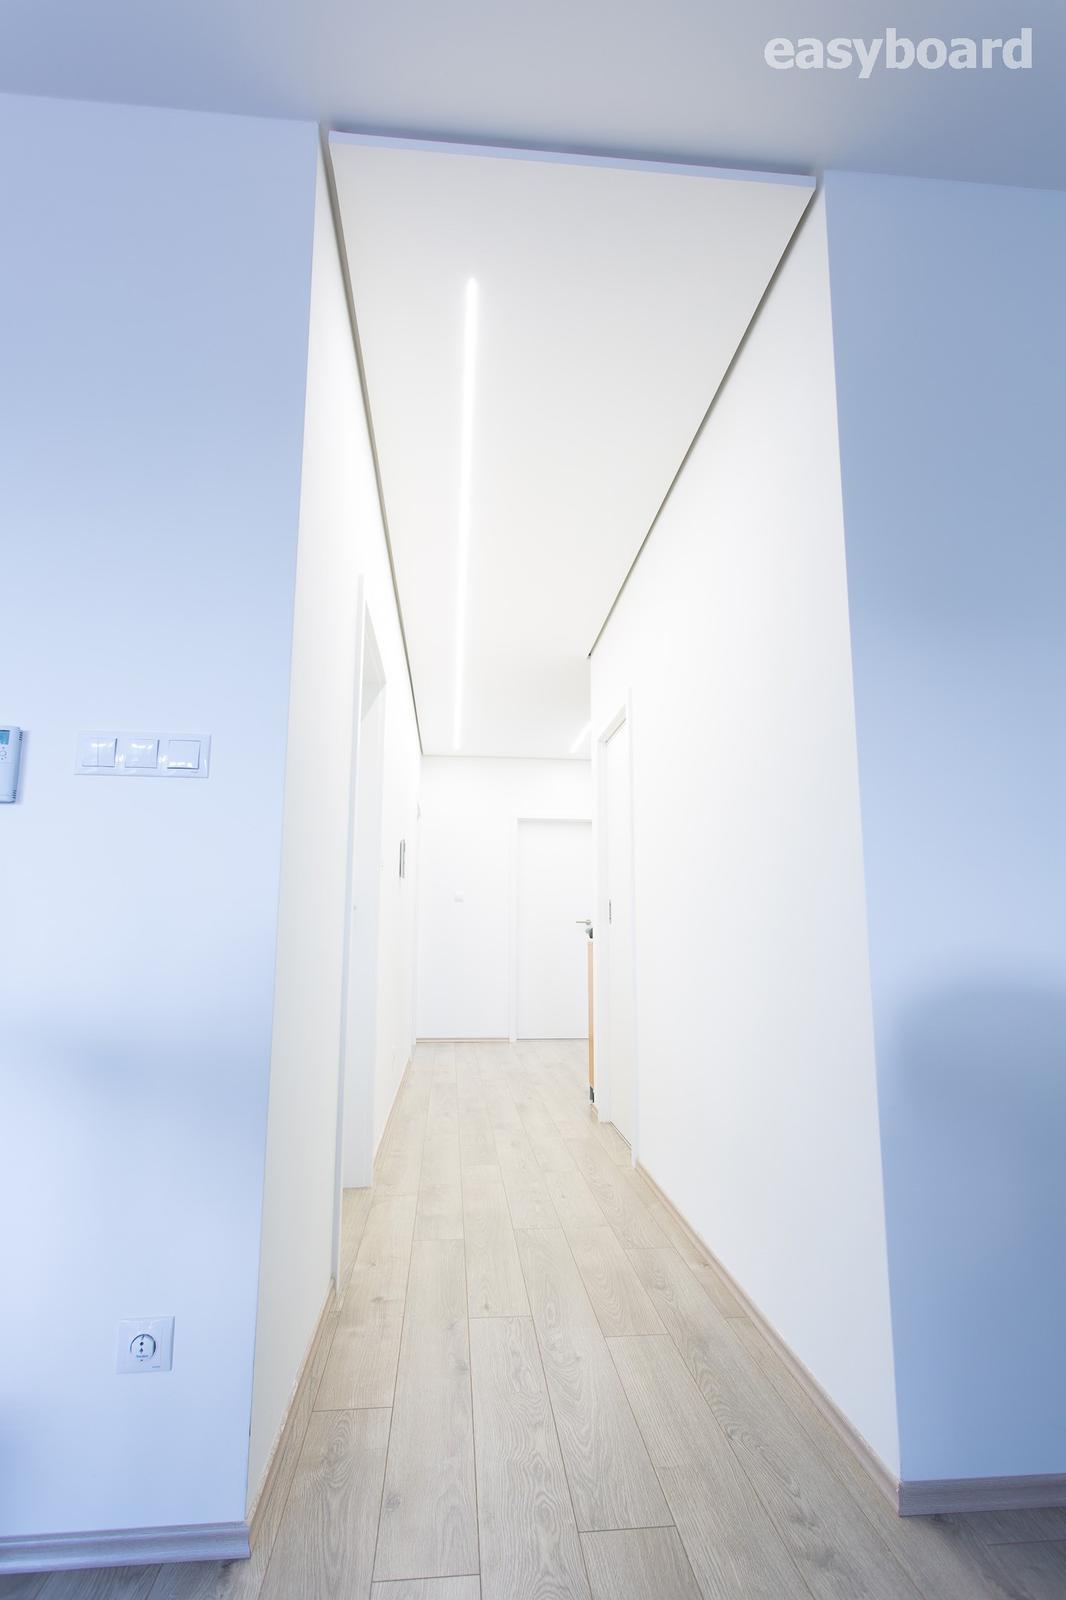 Sadrokartónove prefabrikáty  http://shop.easyboard.sk - Zafrézovane tenké lišty z našej ponuky široké len 7mm sú elegantný a veľmi variabilný doplnok do každého moderného interieru. http://easyboard.sk/shop/frezovanie-led-list/43312